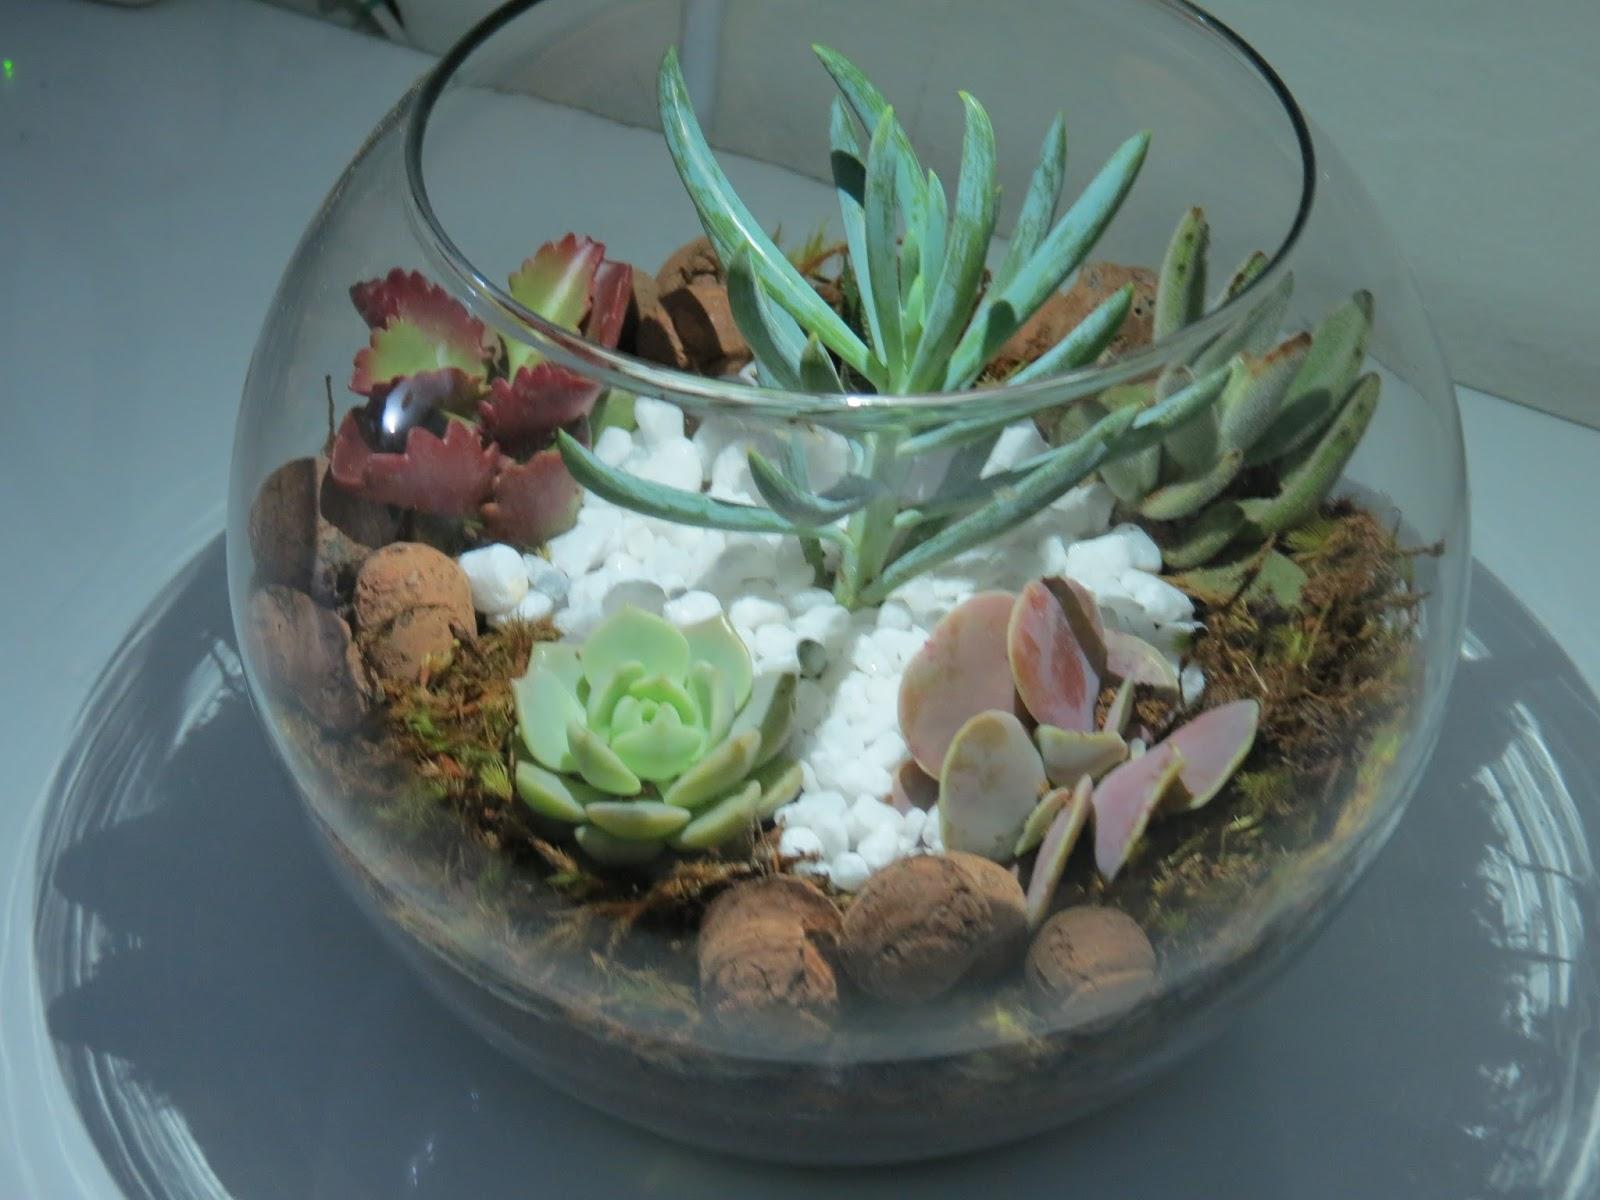 mini jardim suculentas: Plantas: Vaso Vidro Terrário Com Suculentas – Mini Jardim Aquário